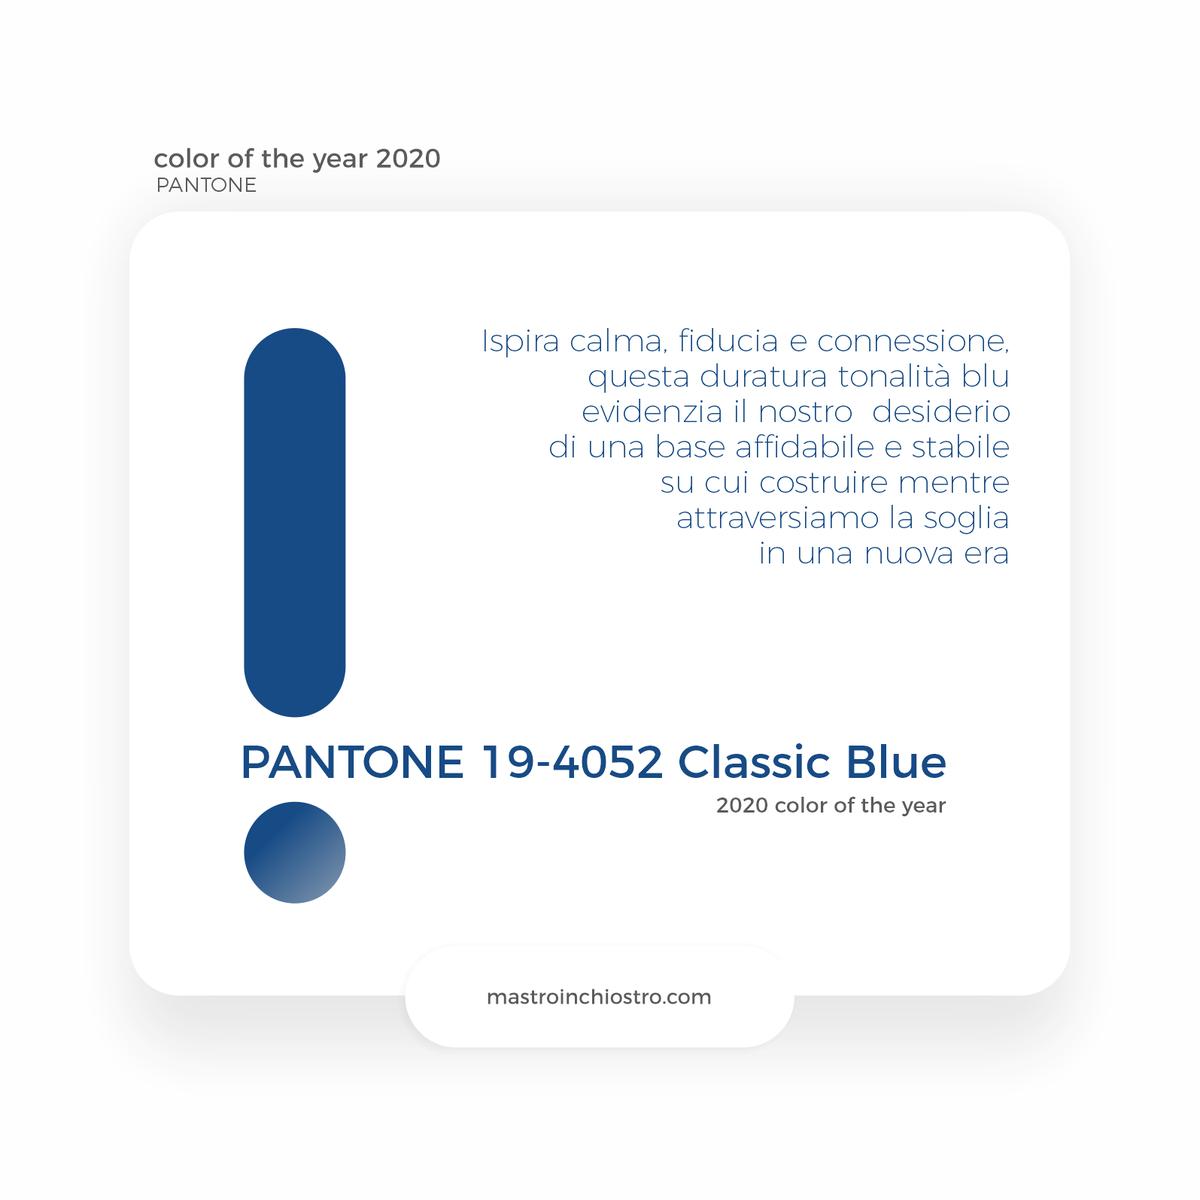 #ClassicBlue